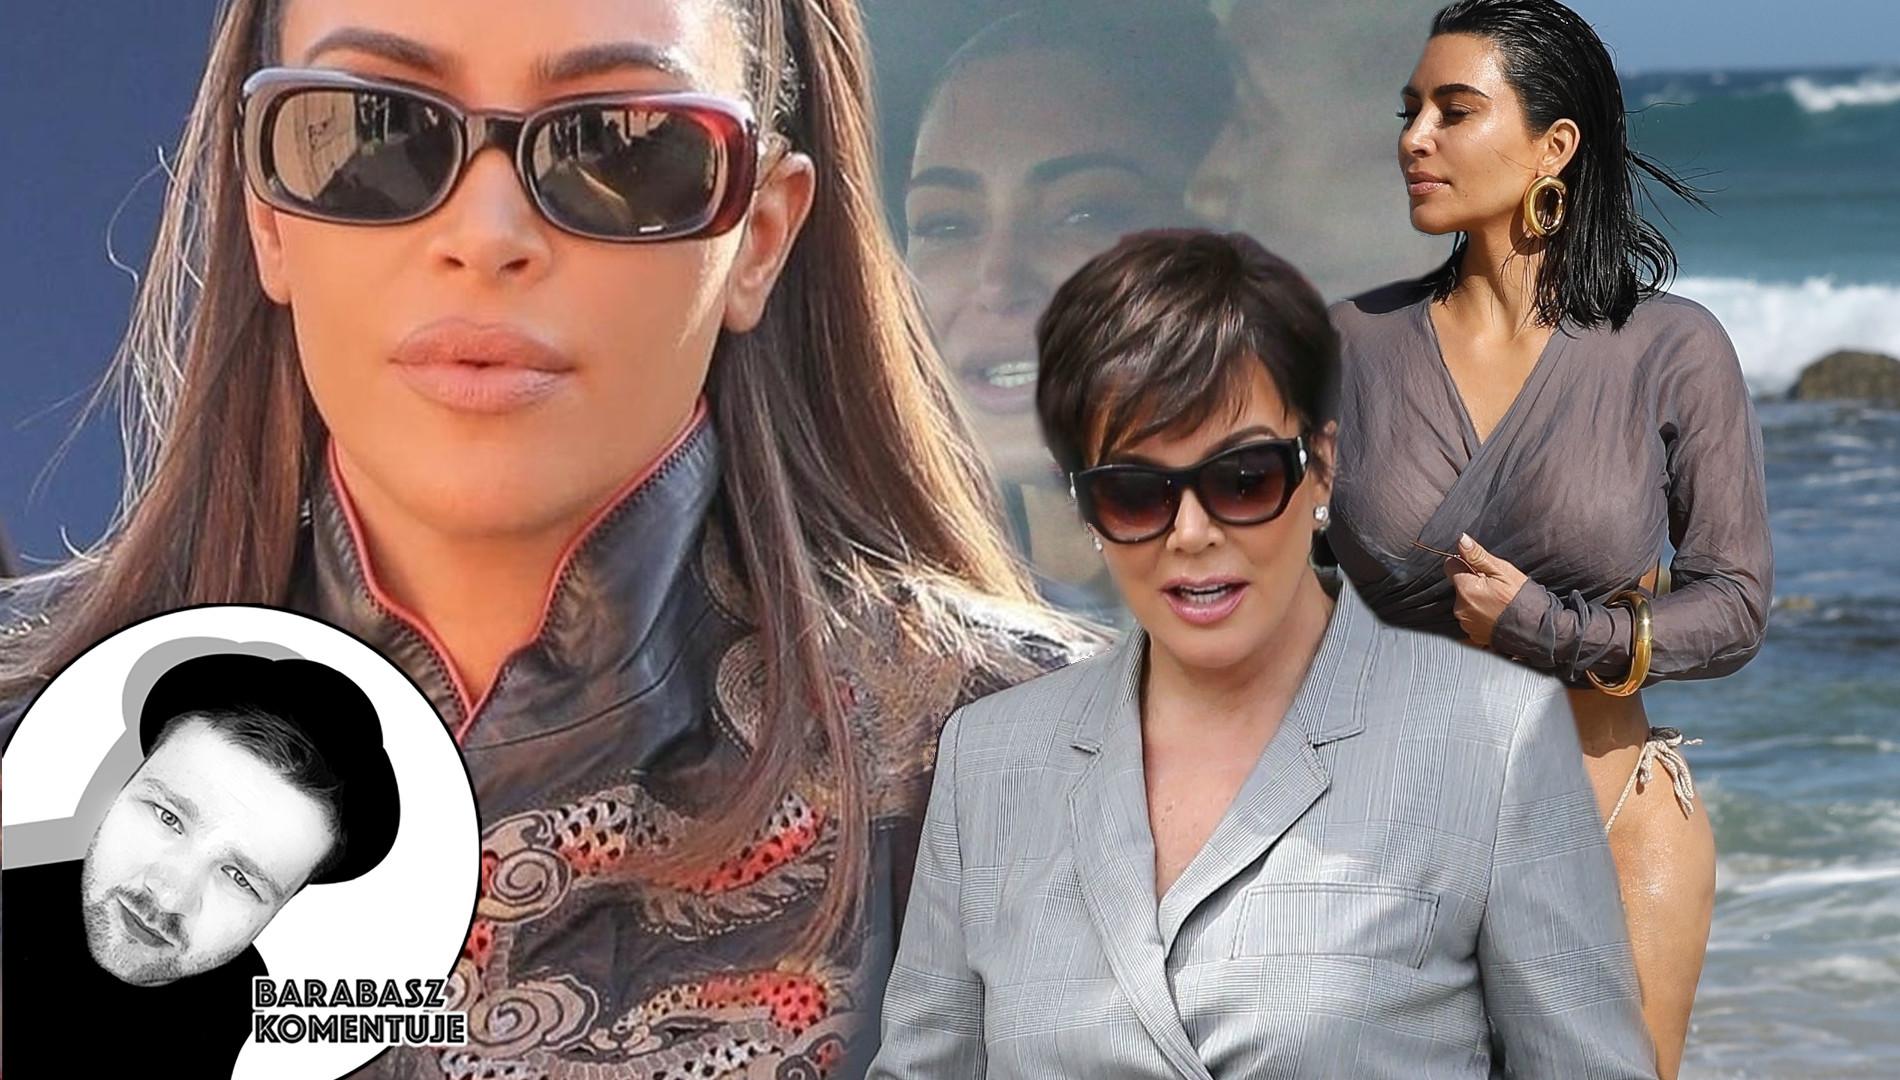 BARABASZ KOMENTUJE: Po 14 latach Kardashianki powinny nas PRZEPROSIĆ (FELIETON)